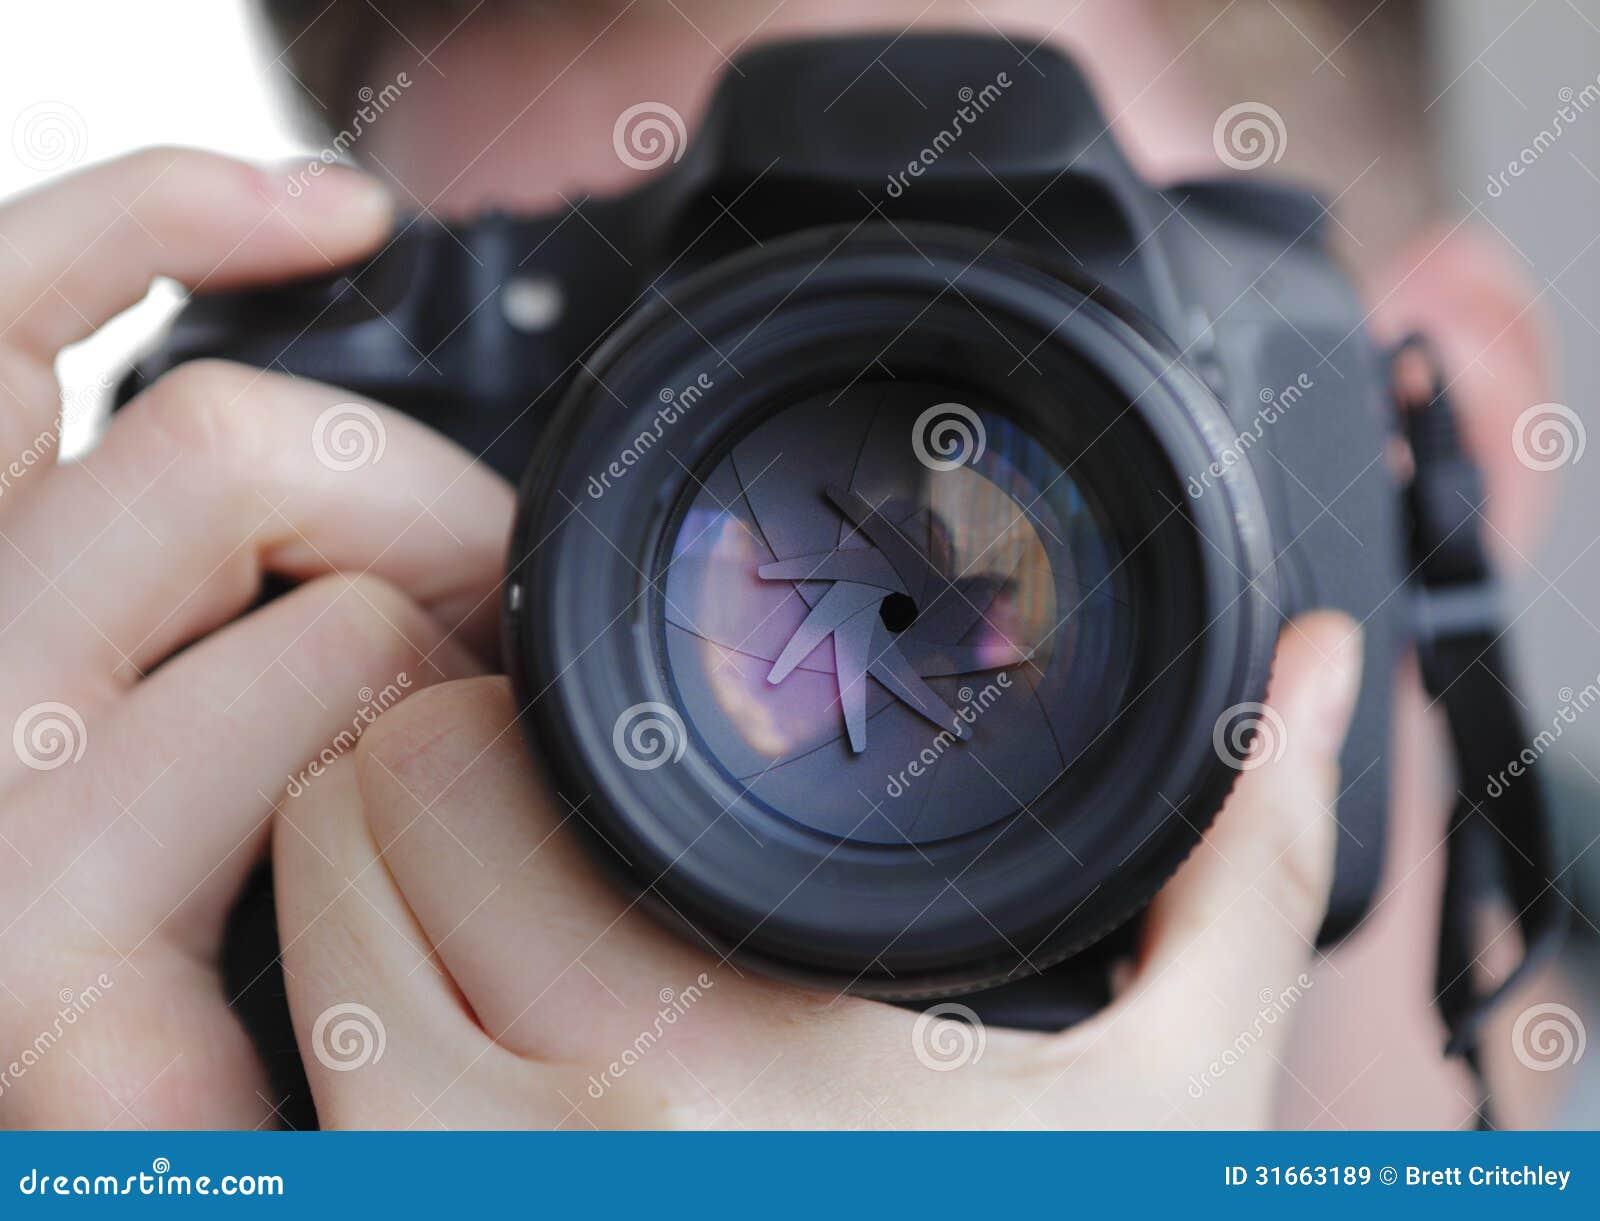 DSLR camera lens shutter